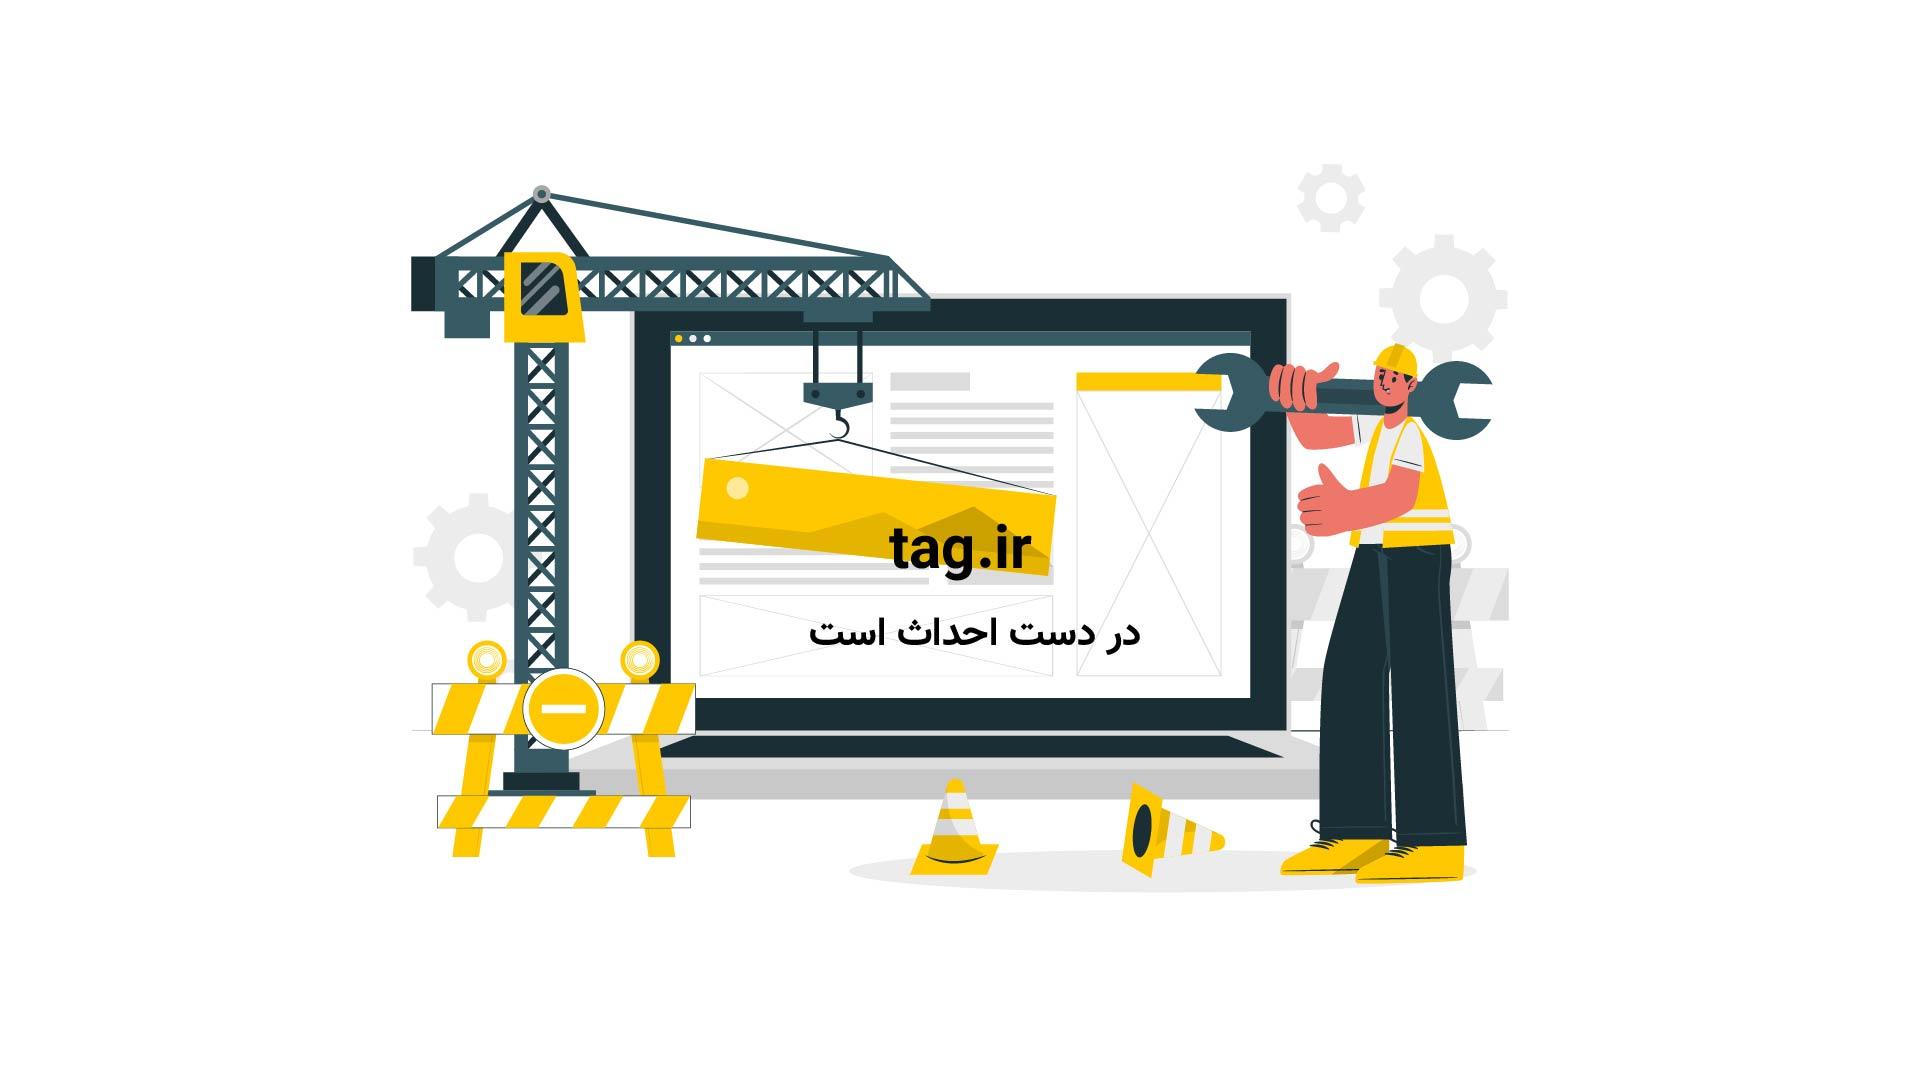 در خانه خود با استفاده از واقعیت مجازی، سفری به آفریقا را تجربه کنید | فیلم